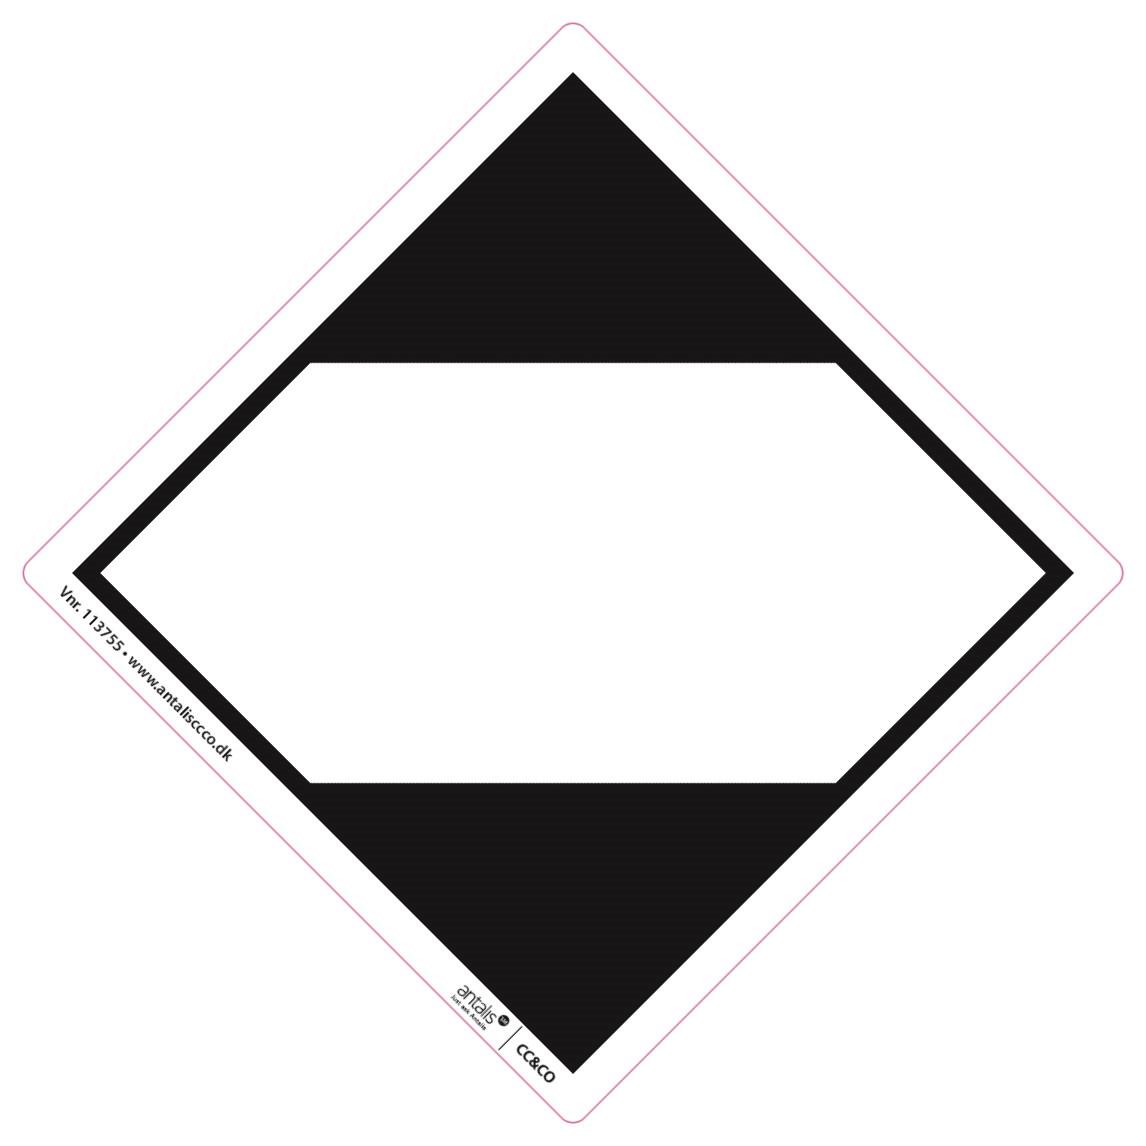 Fareetiket - LQ Vej og Sø hvid-sort 100 x 100mm - 250 stk